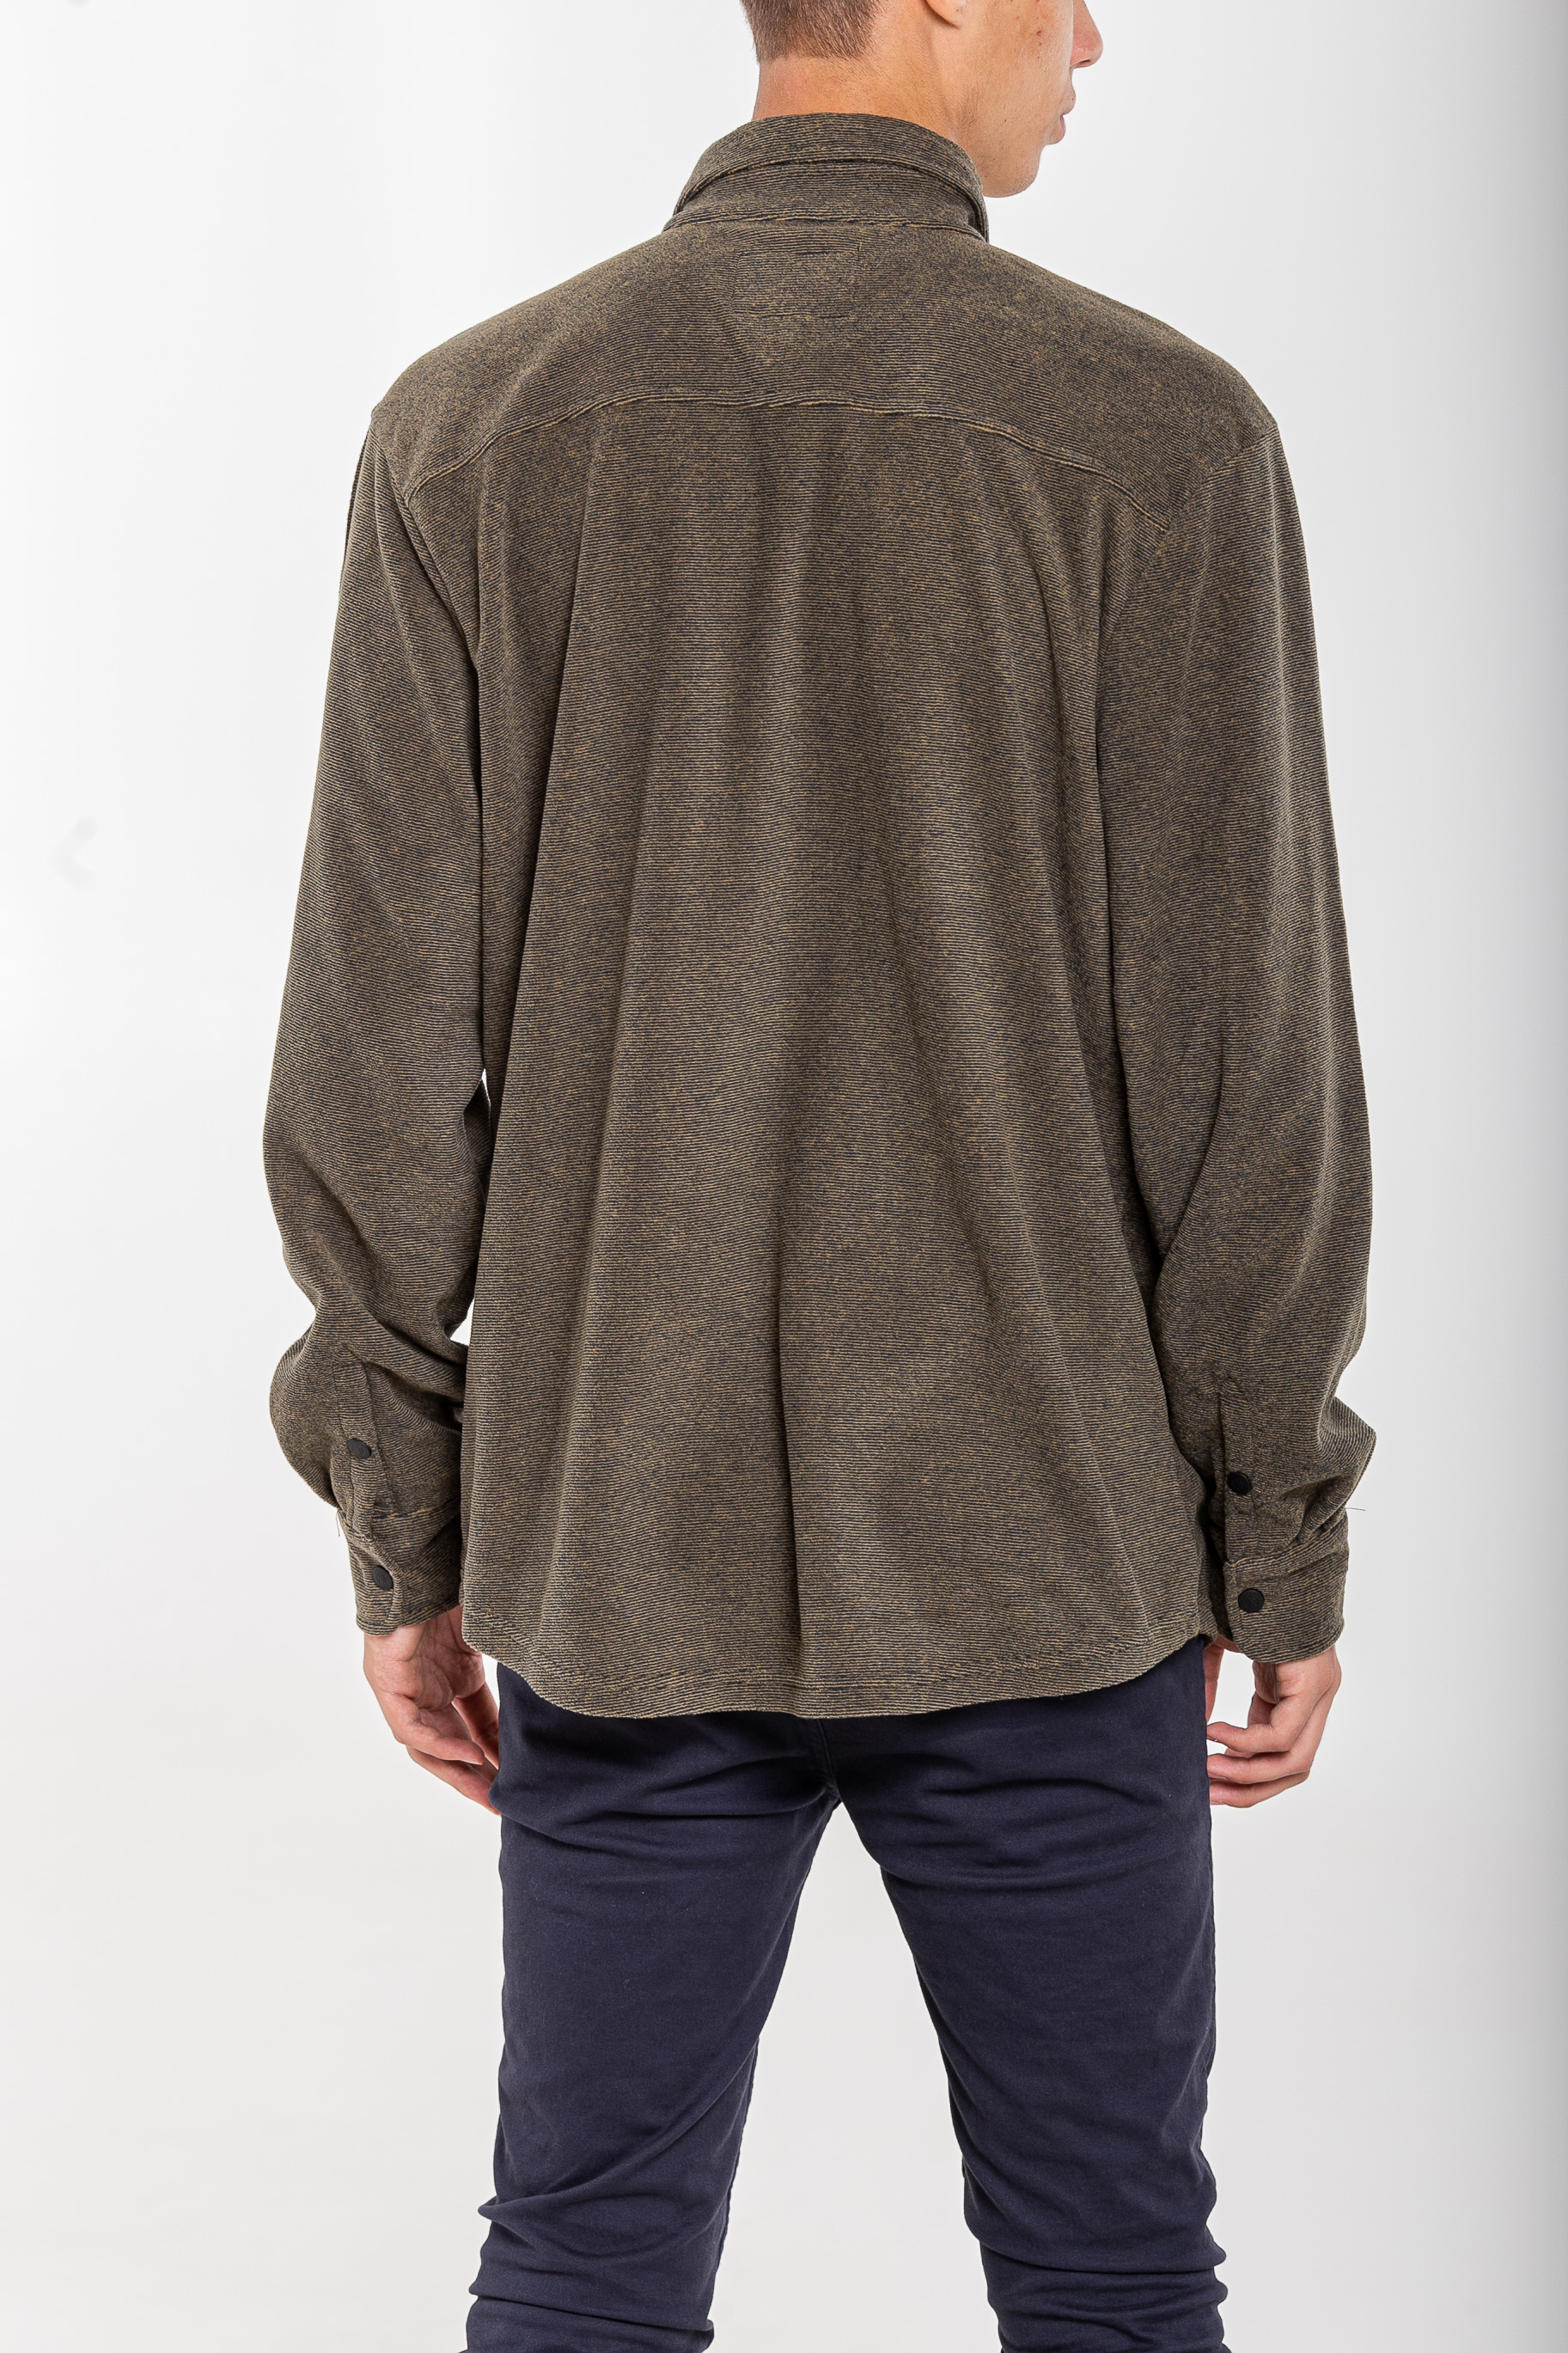 Рубашка NORTH BEND Casual (1199) photo 0